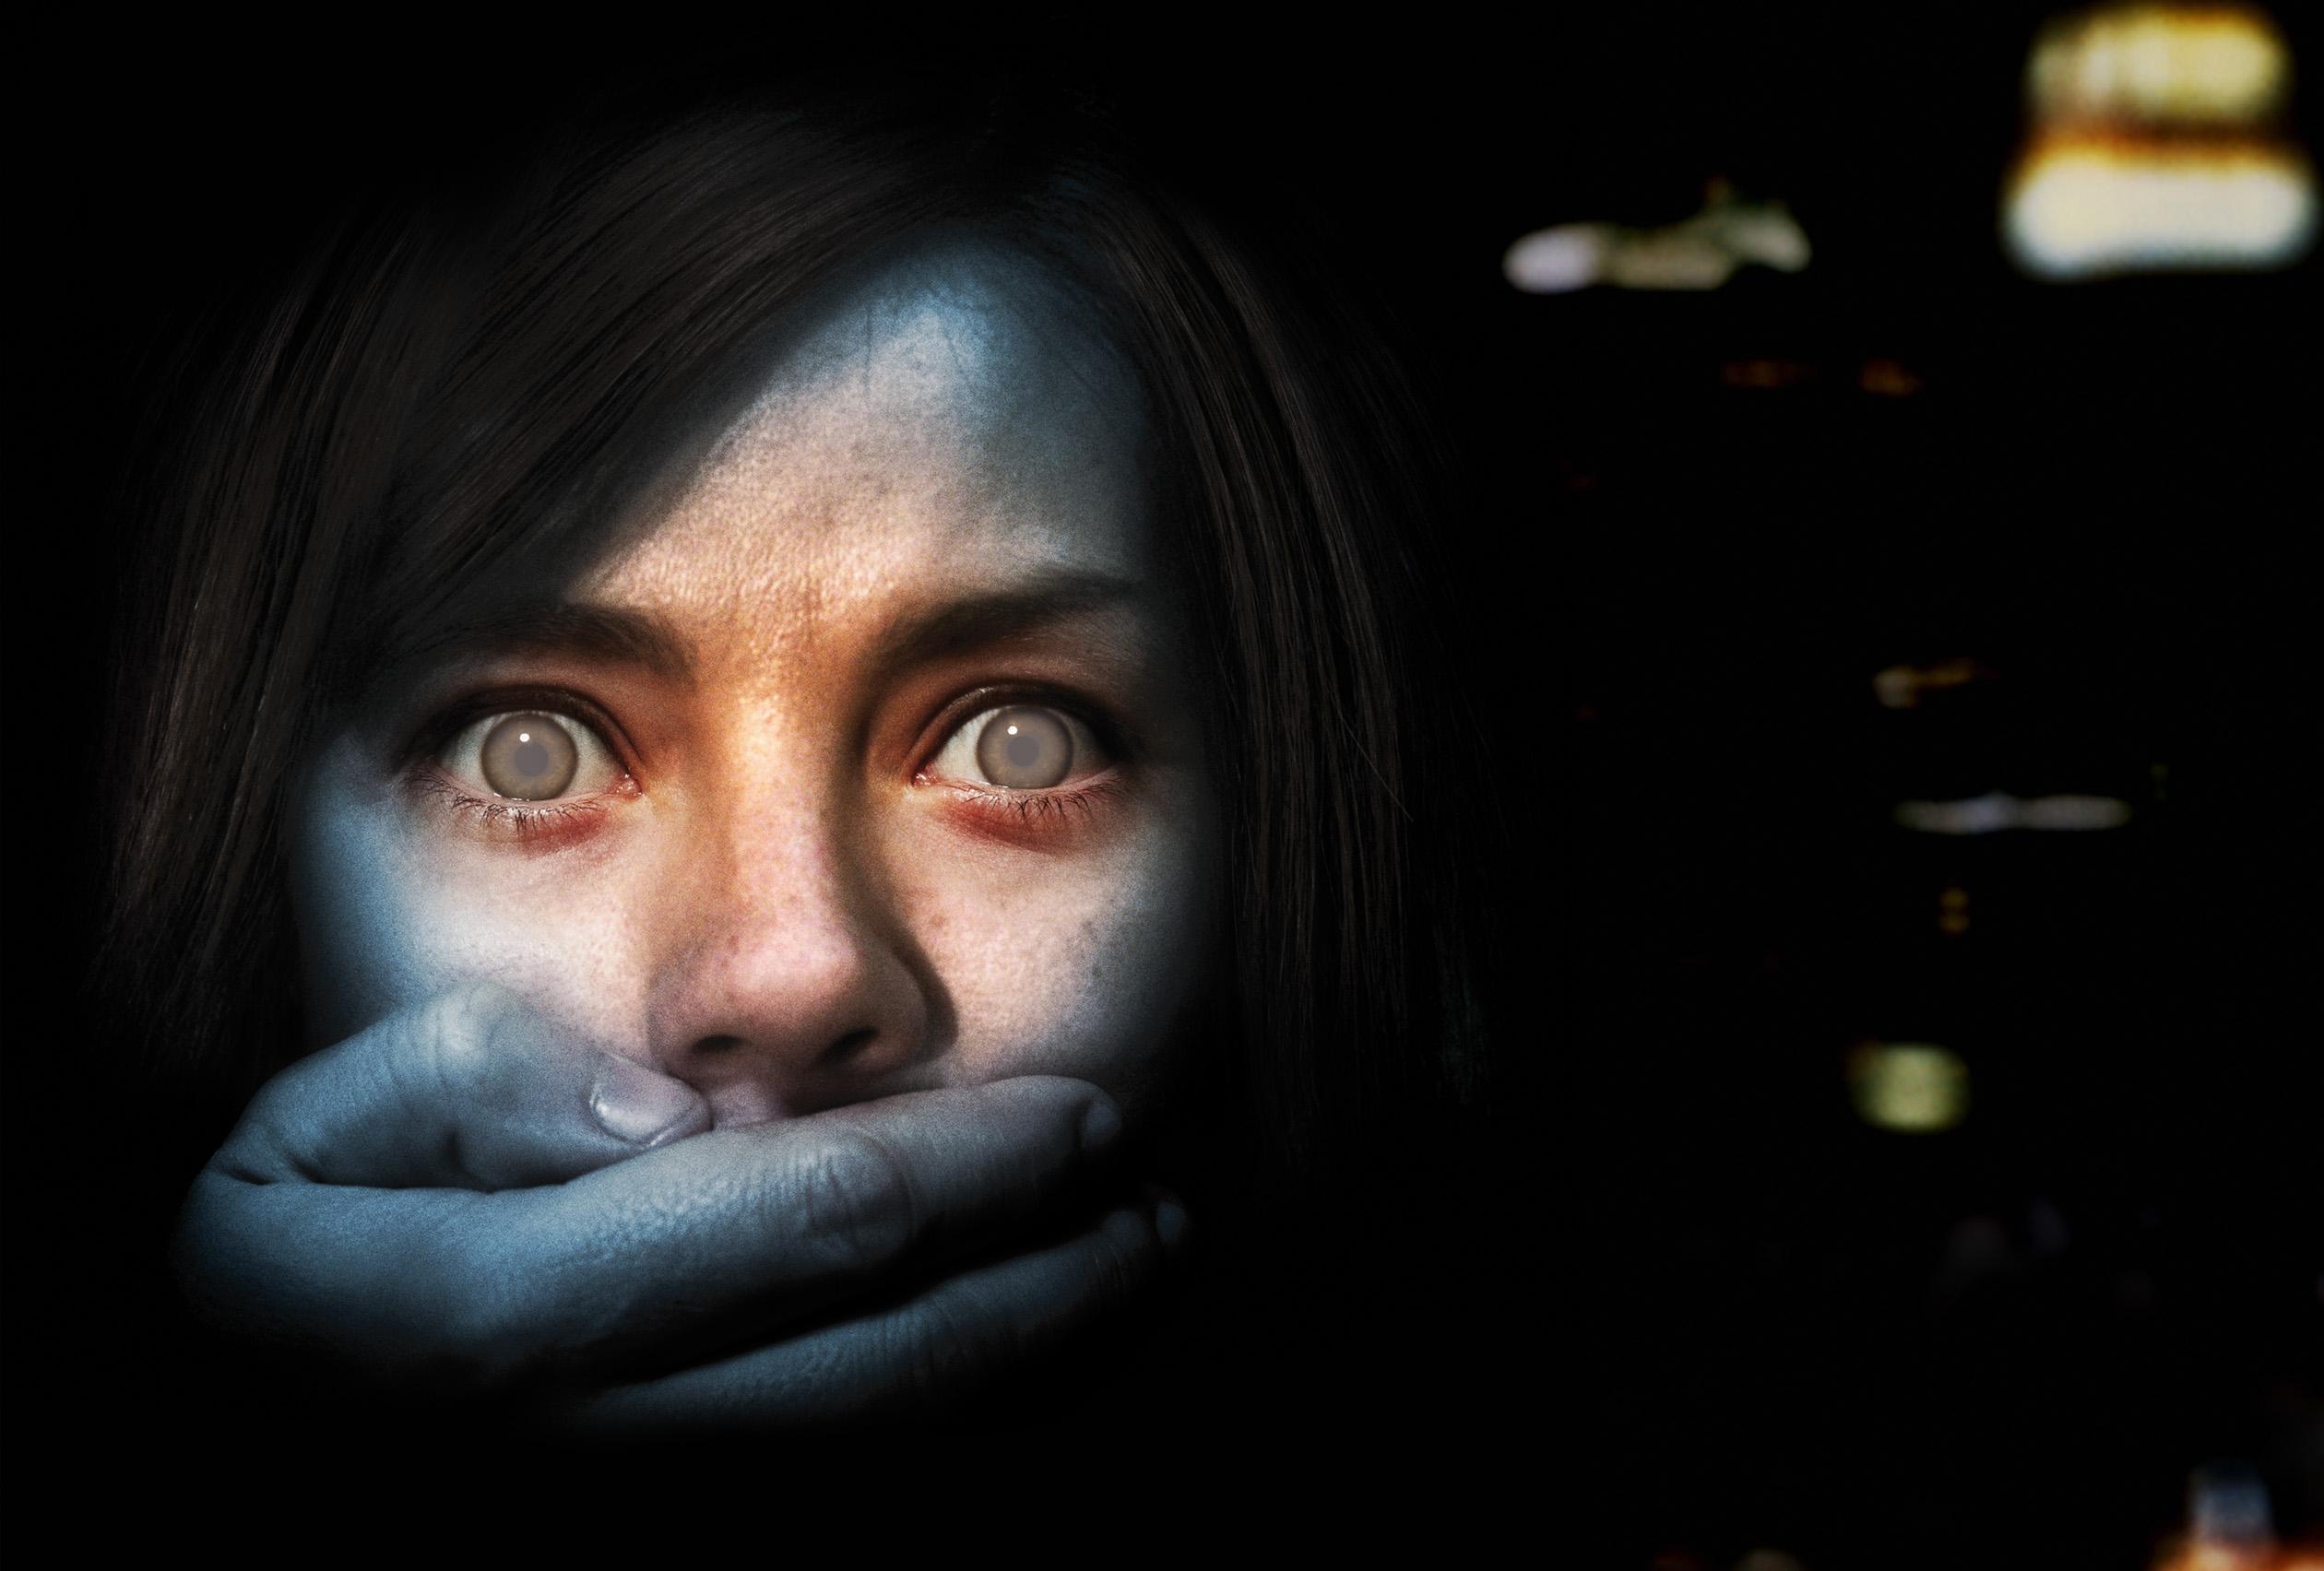 La mujer de david - 2 part 6